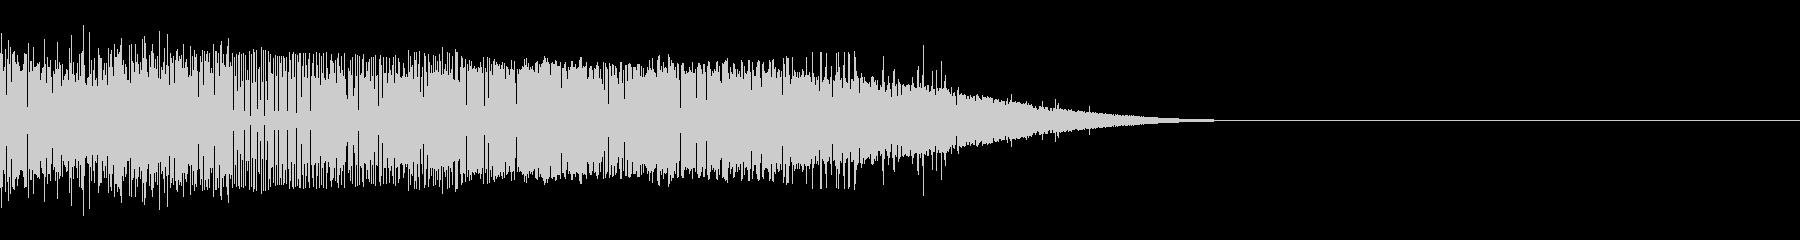 ギュイン(パワーアップ/エネルギー弾)の未再生の波形